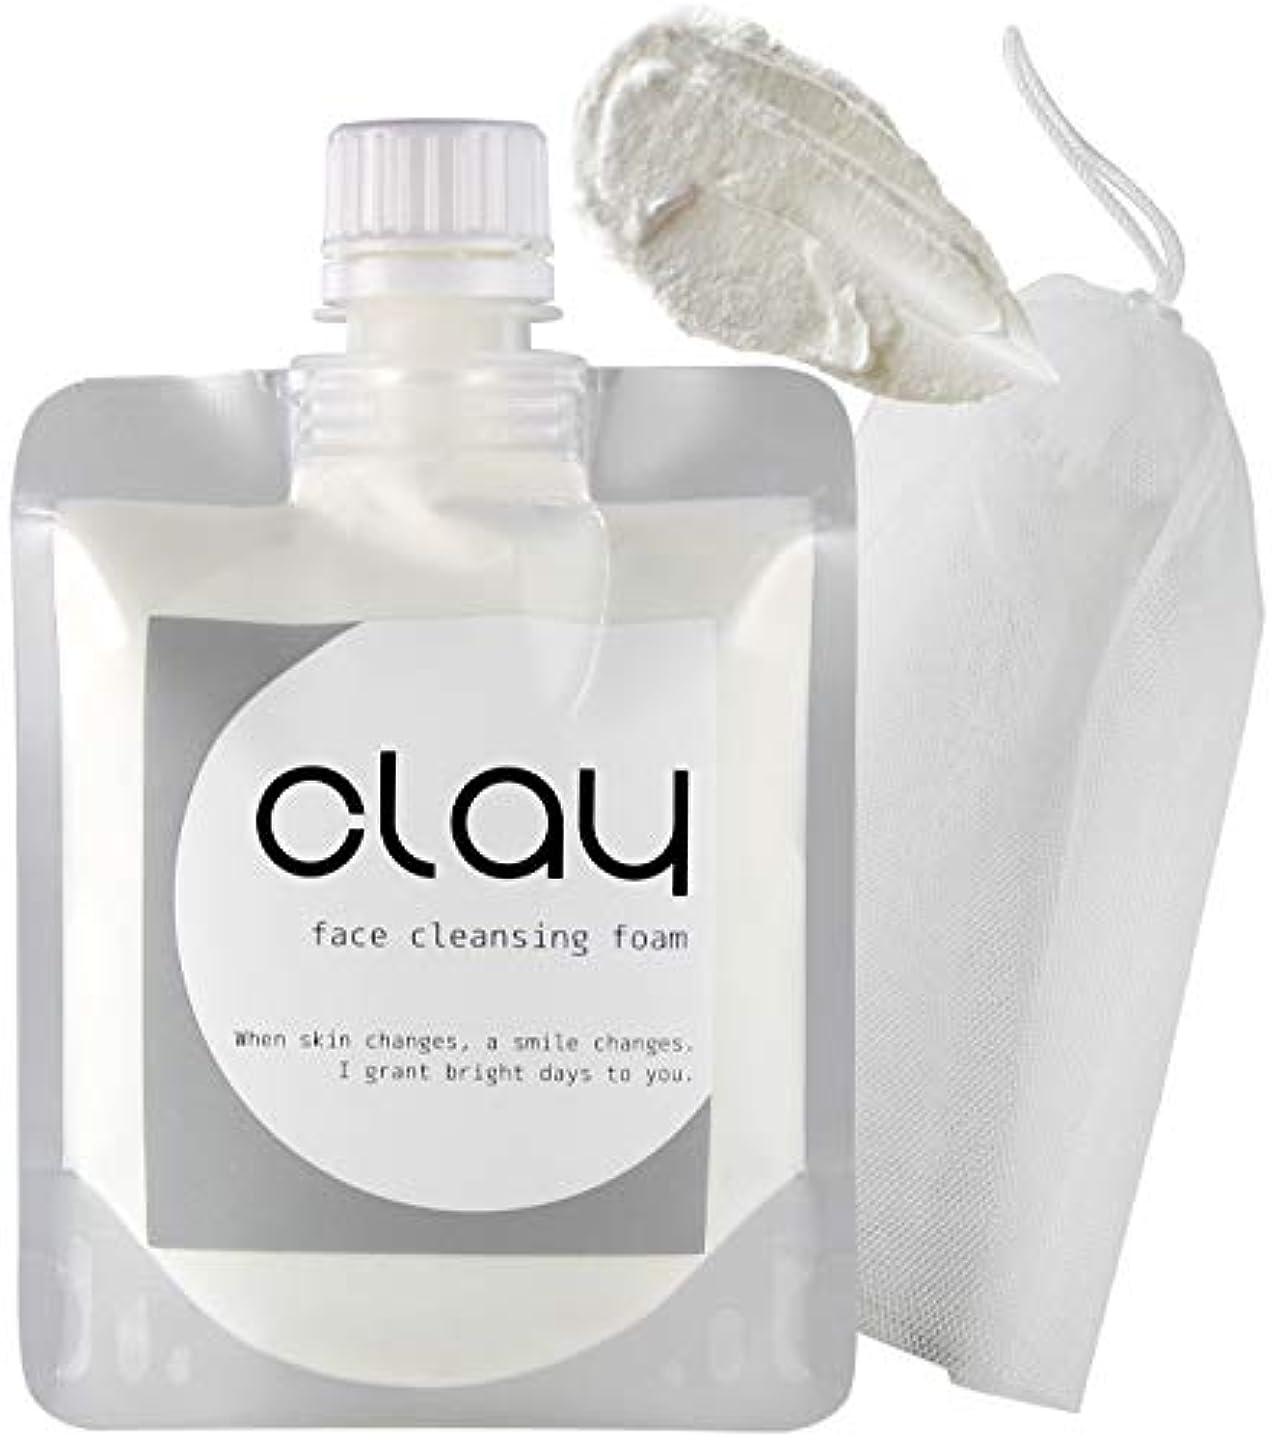 周囲準備したコンパニオンSTAR'S クレイ 泥 洗顔 オーガニック 【 毛穴 黒ずみ 開き ザラ付き 用】「 泡 ネット 付き」 40種類の植物エキス 16種類の美容成分 9つの無添加 透明感 柔肌 130g (Clay)